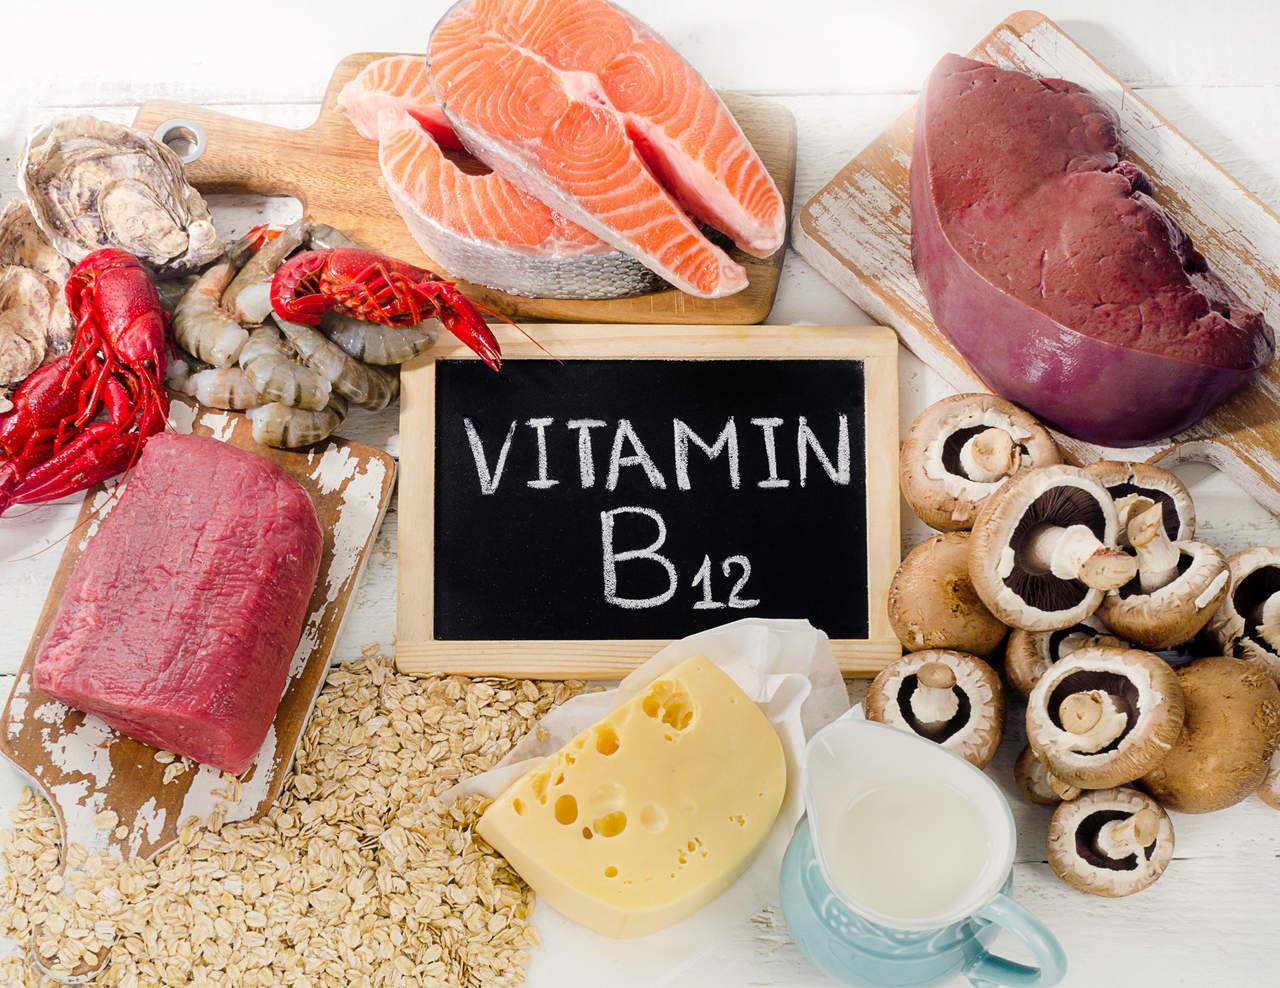 peynir, süt, mantar, somon, kırmızı et, yulaf gibi b12 vitamini içeren besinler ve ortalarında dikdörtgen bir çerçeve içinde yazan vitamin b12 yazısı